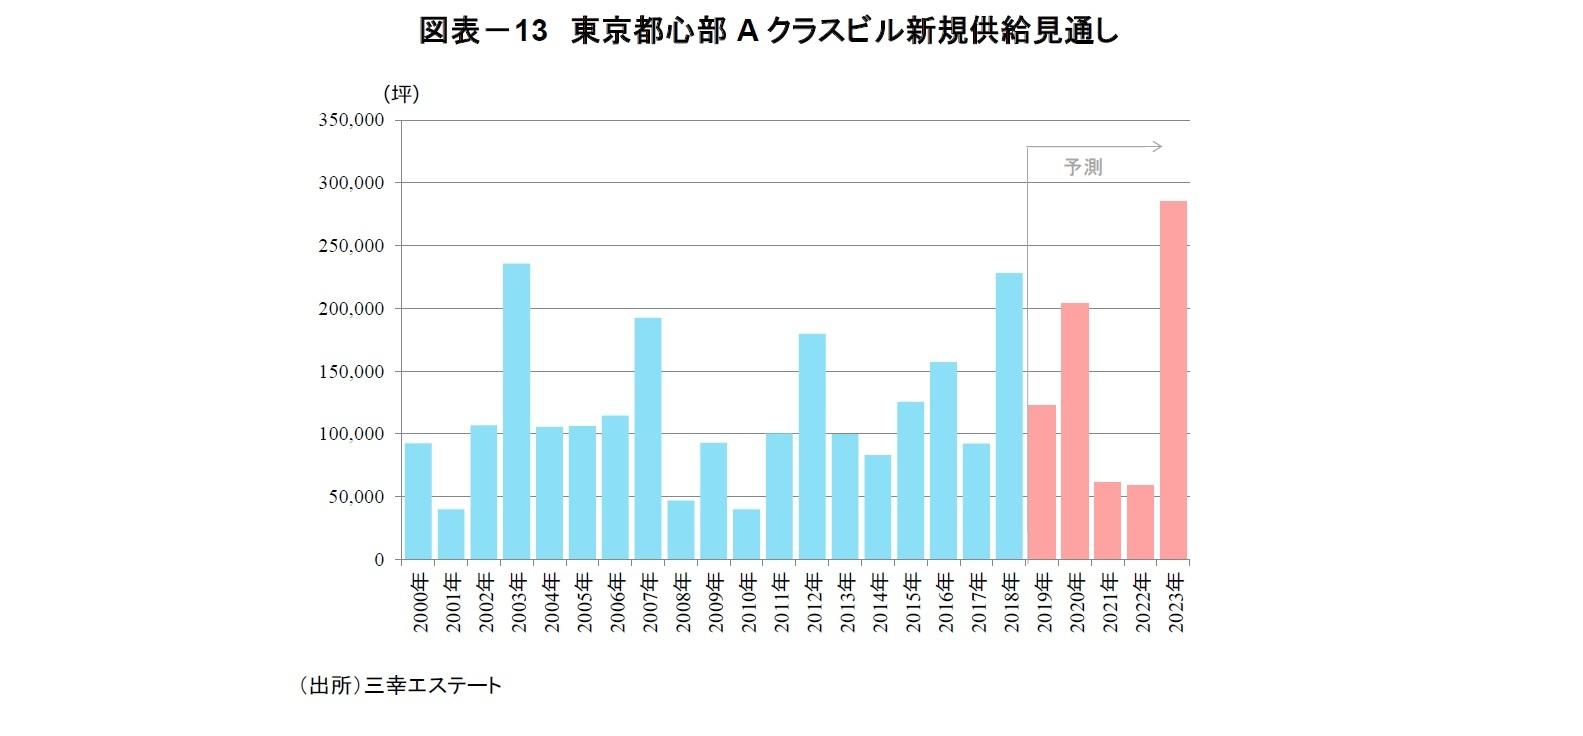 図表-13 東京都心部Aクラスビル新規供給見通し